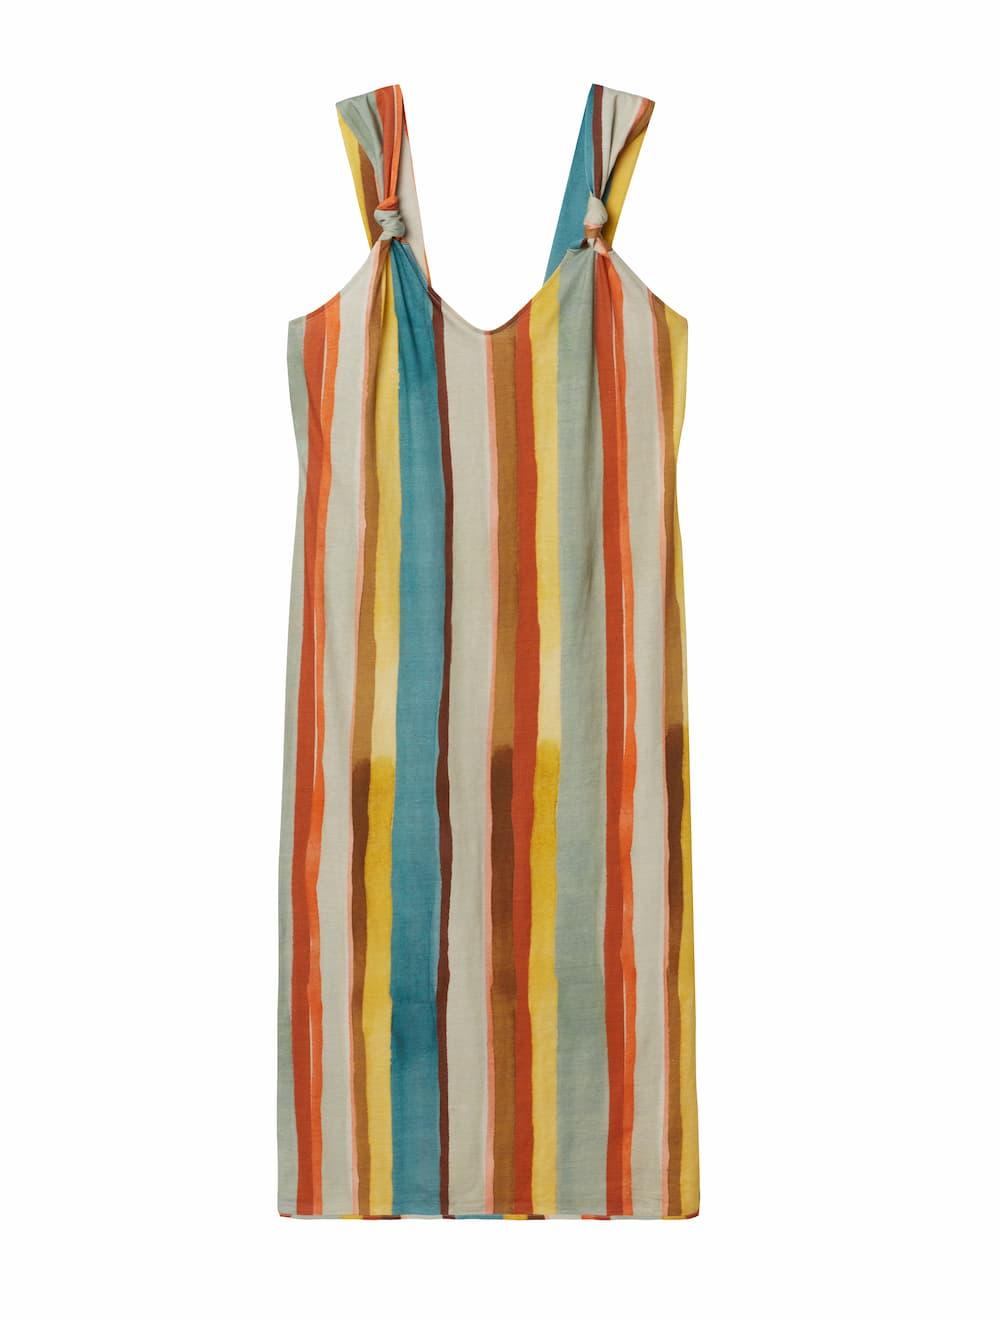 Color Stripes ウルトラフレッシュ スーピマコットン® ロングスリップ 7,990円(税込)/Intimissimi(インティミッシミ)